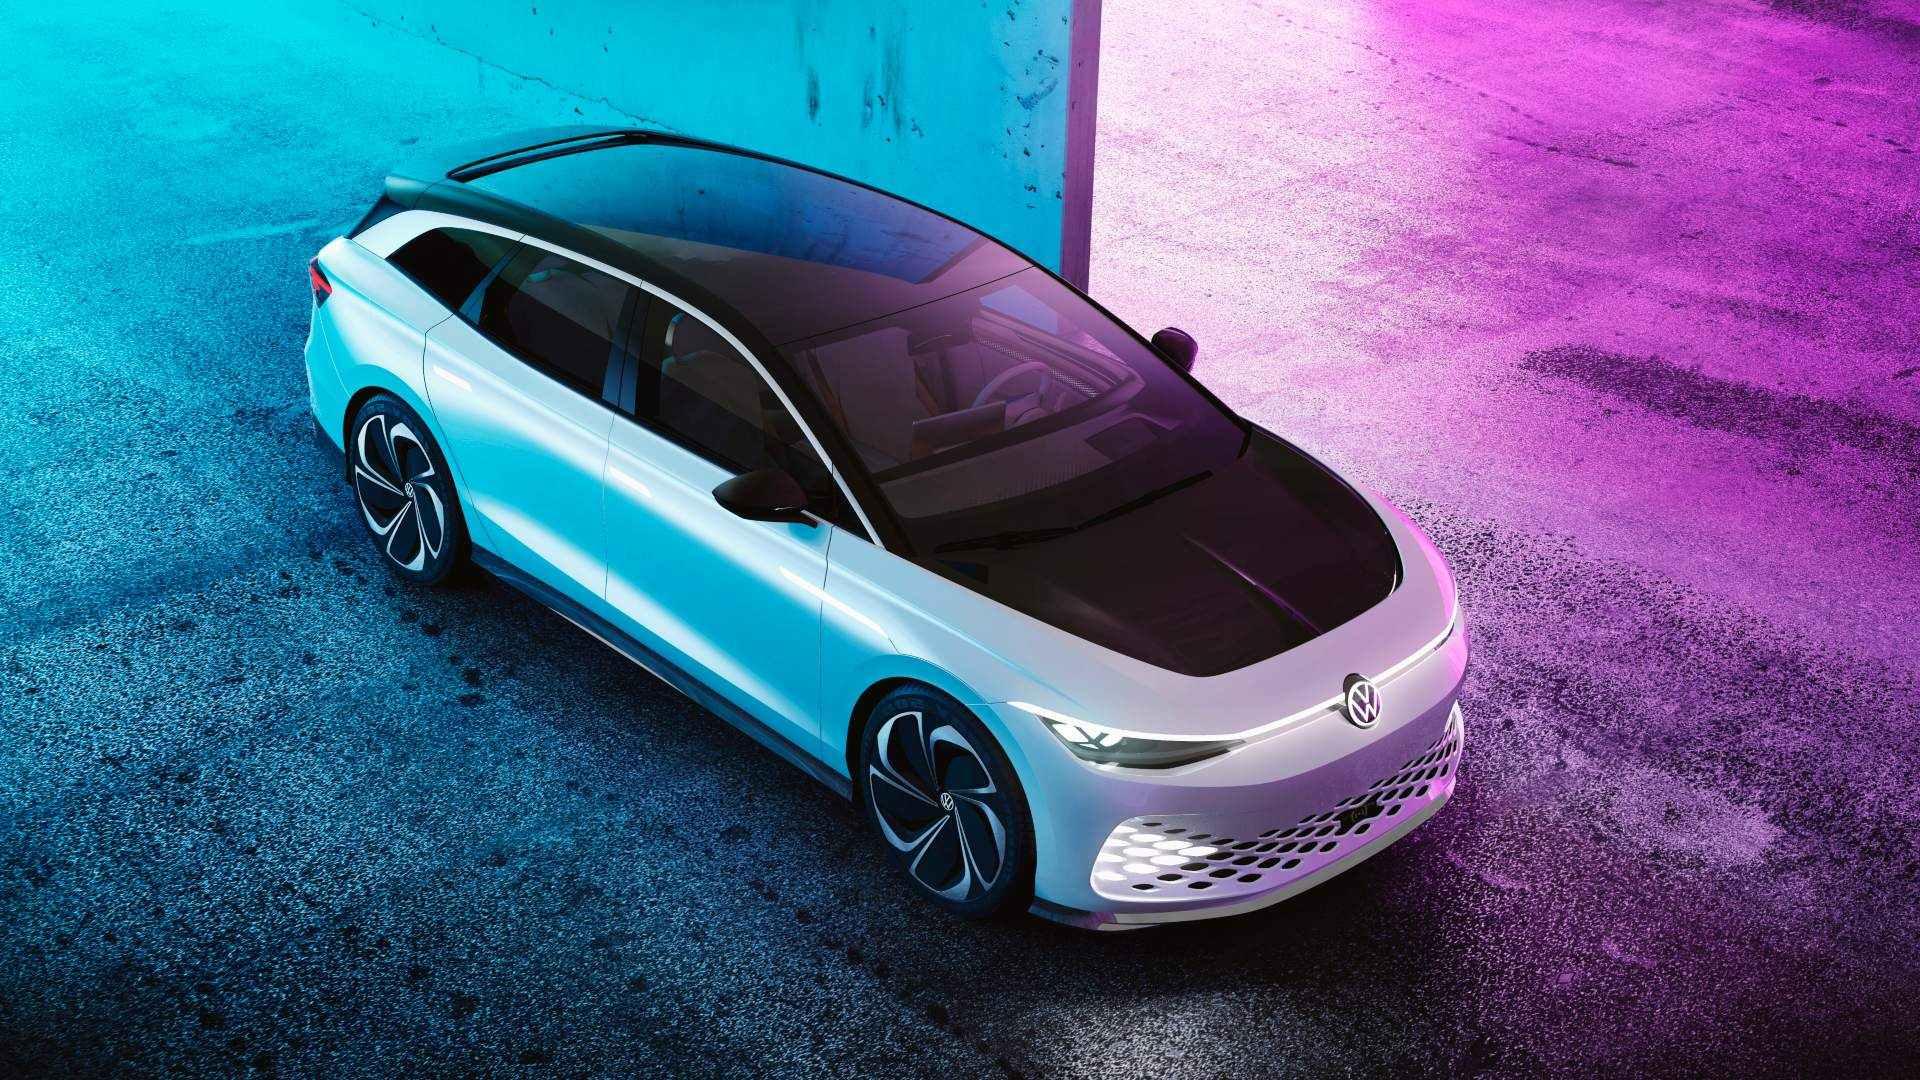 El Volkswagen ID. Space Vizzion estará en producción en 2022